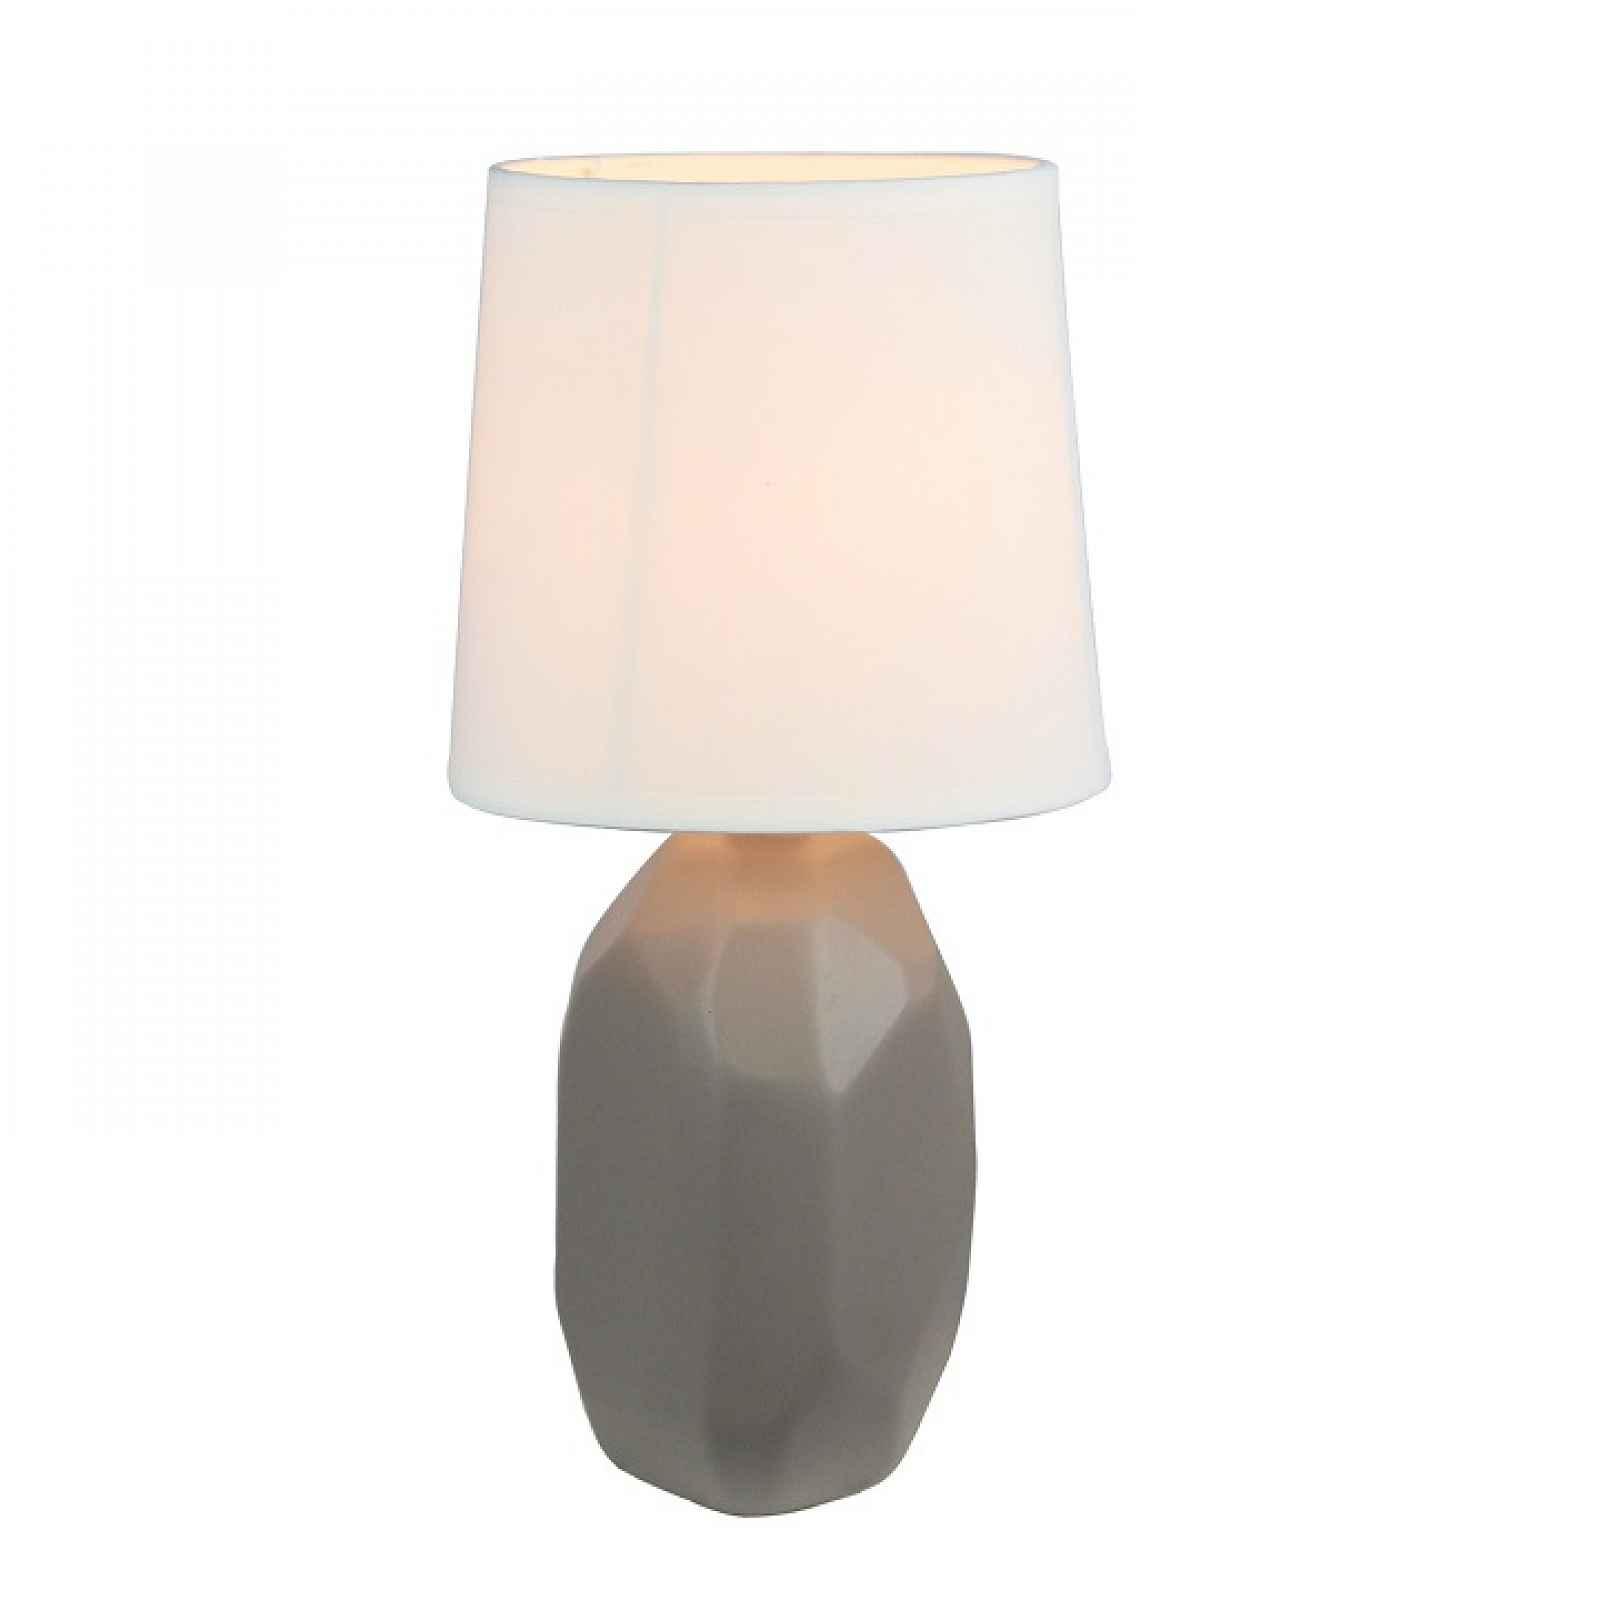 Keramická stolní lampa, šedohnědá taupe, QENNY TYP 3 0000190743 Tempo Kondela